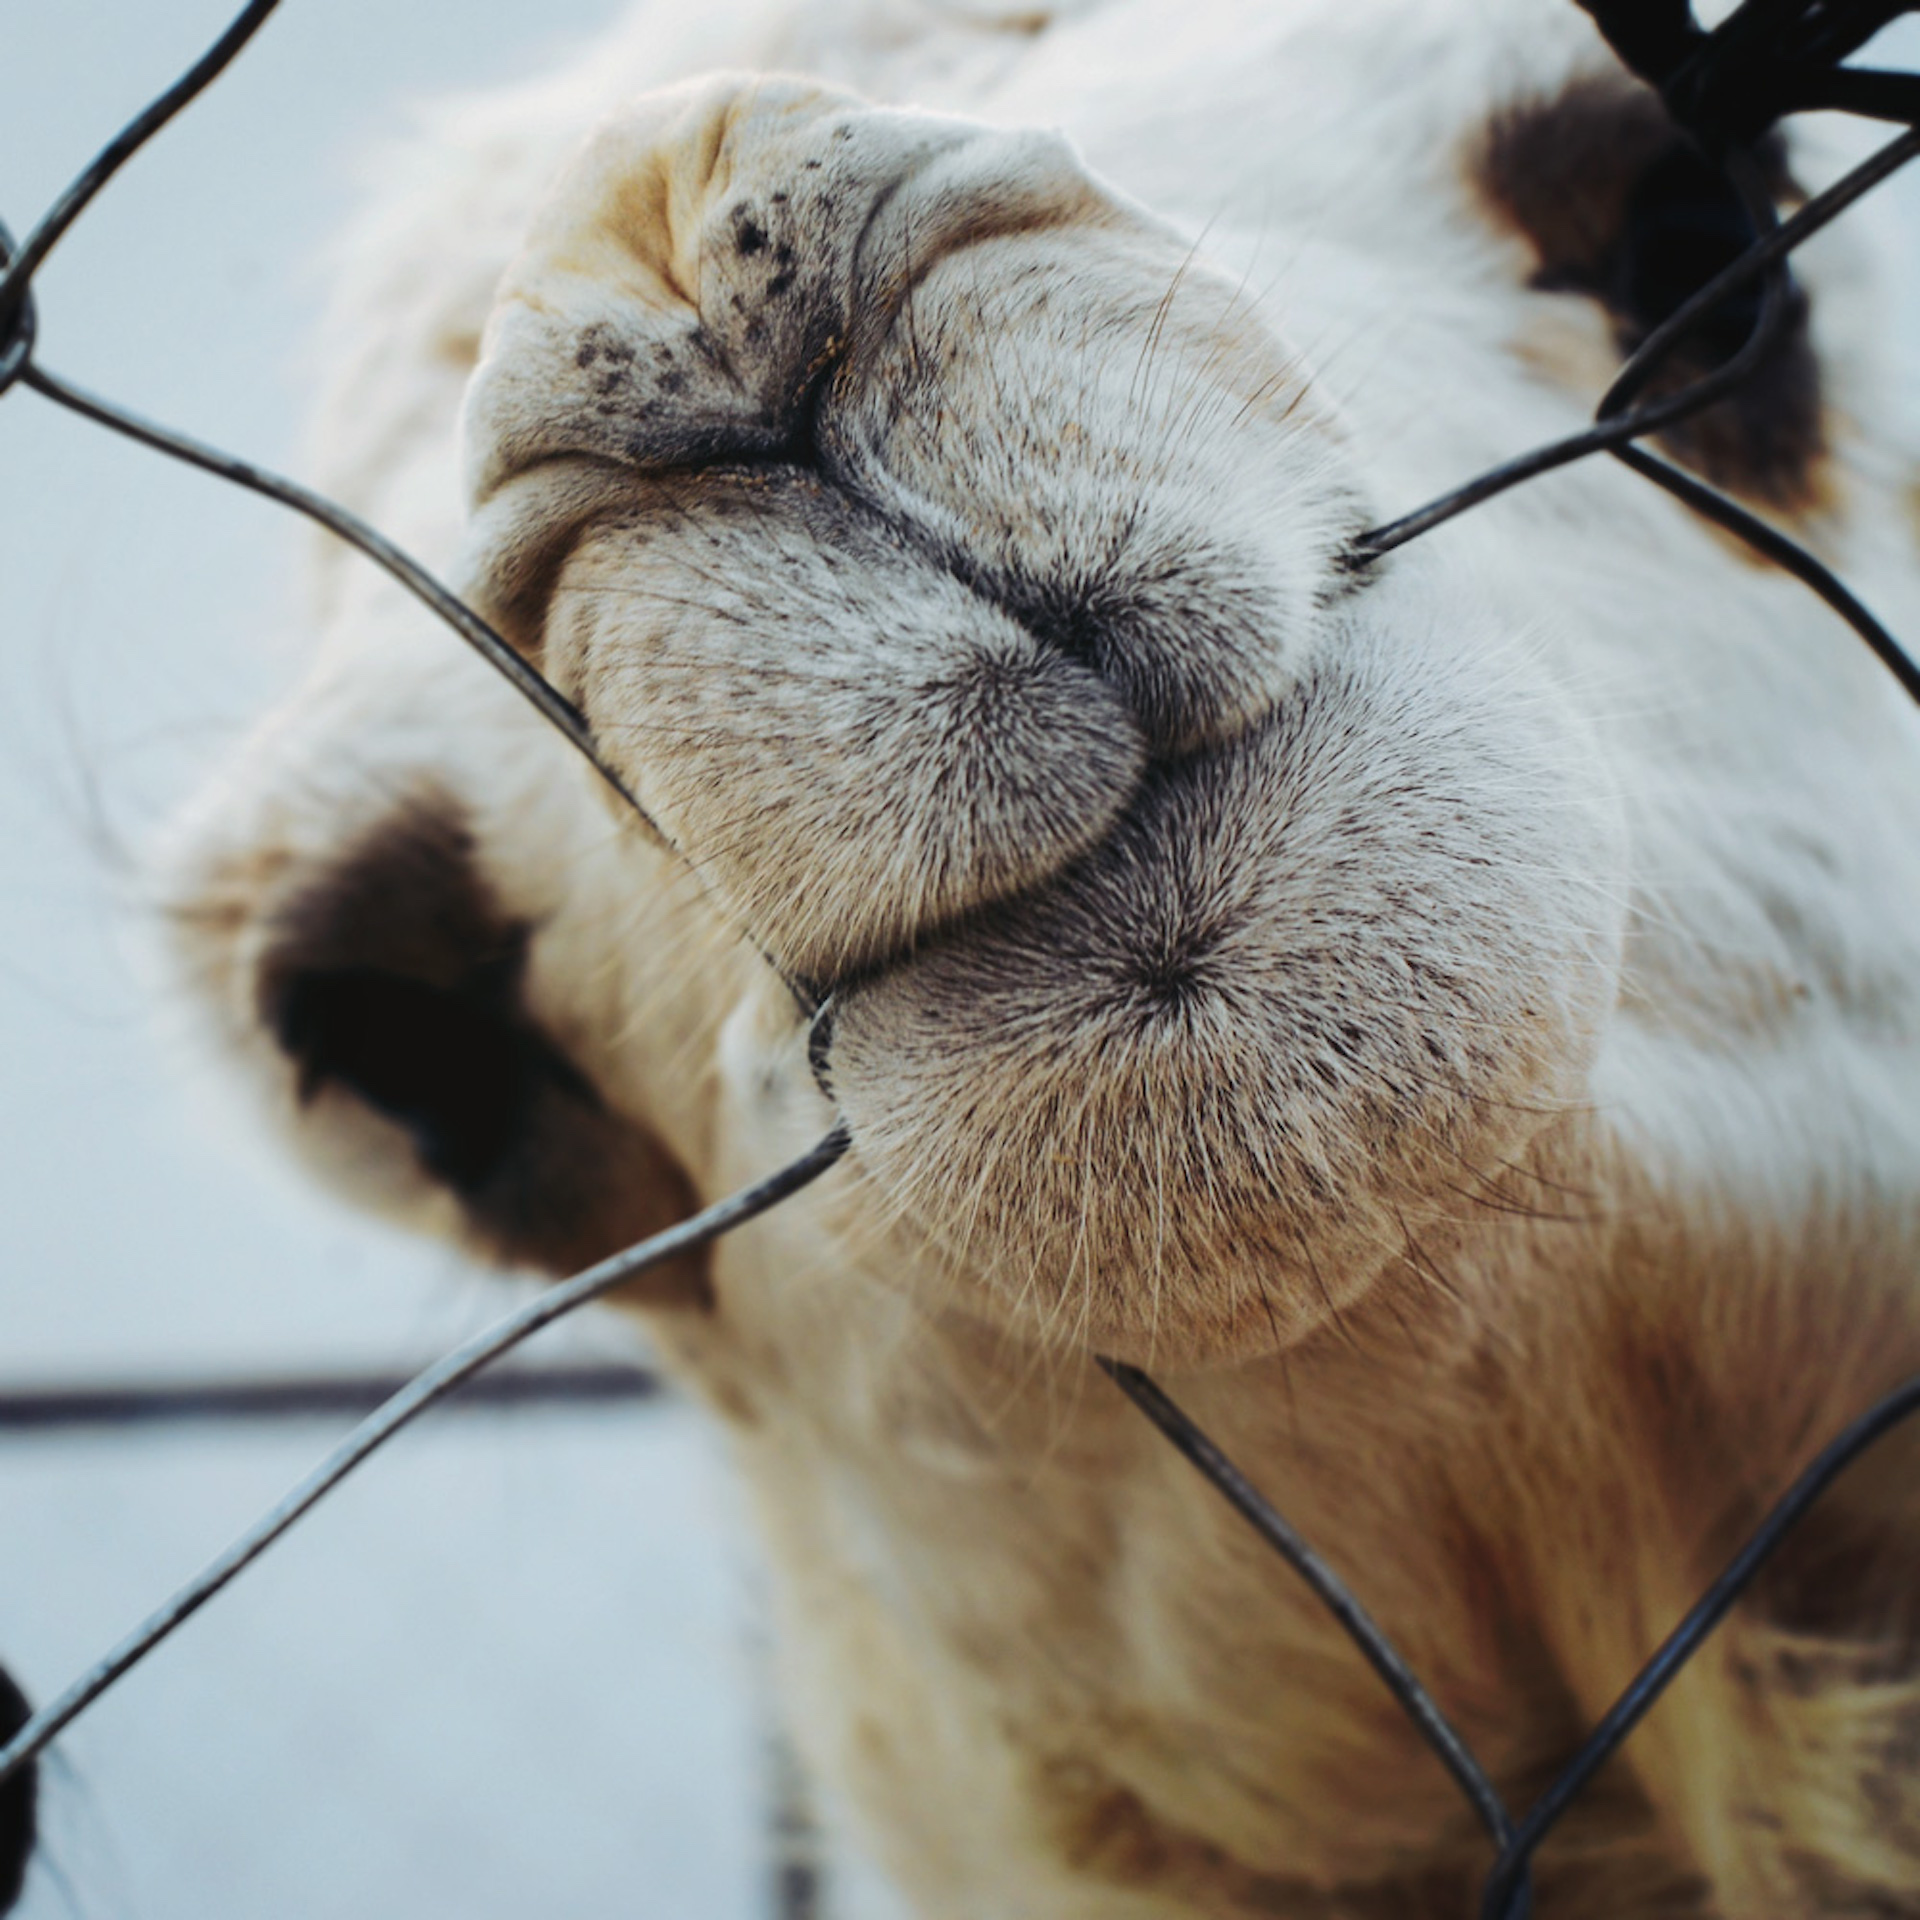 cammello, bocca, recinzione, morso, spuntino - Sfondi HD - Professor-falken.com